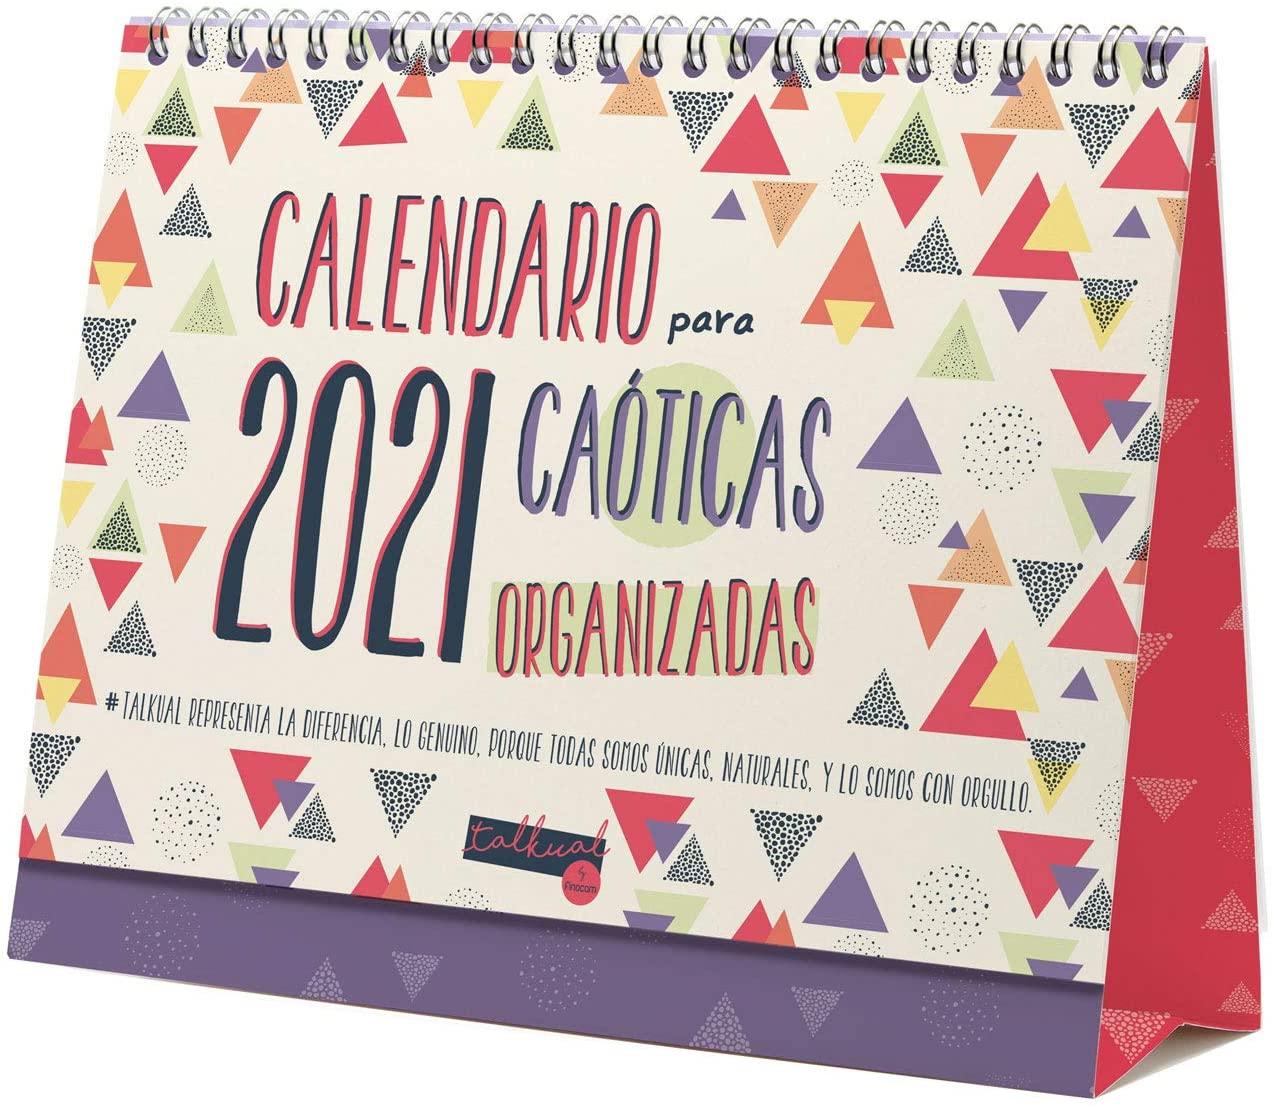 calendario 2021 caoticas